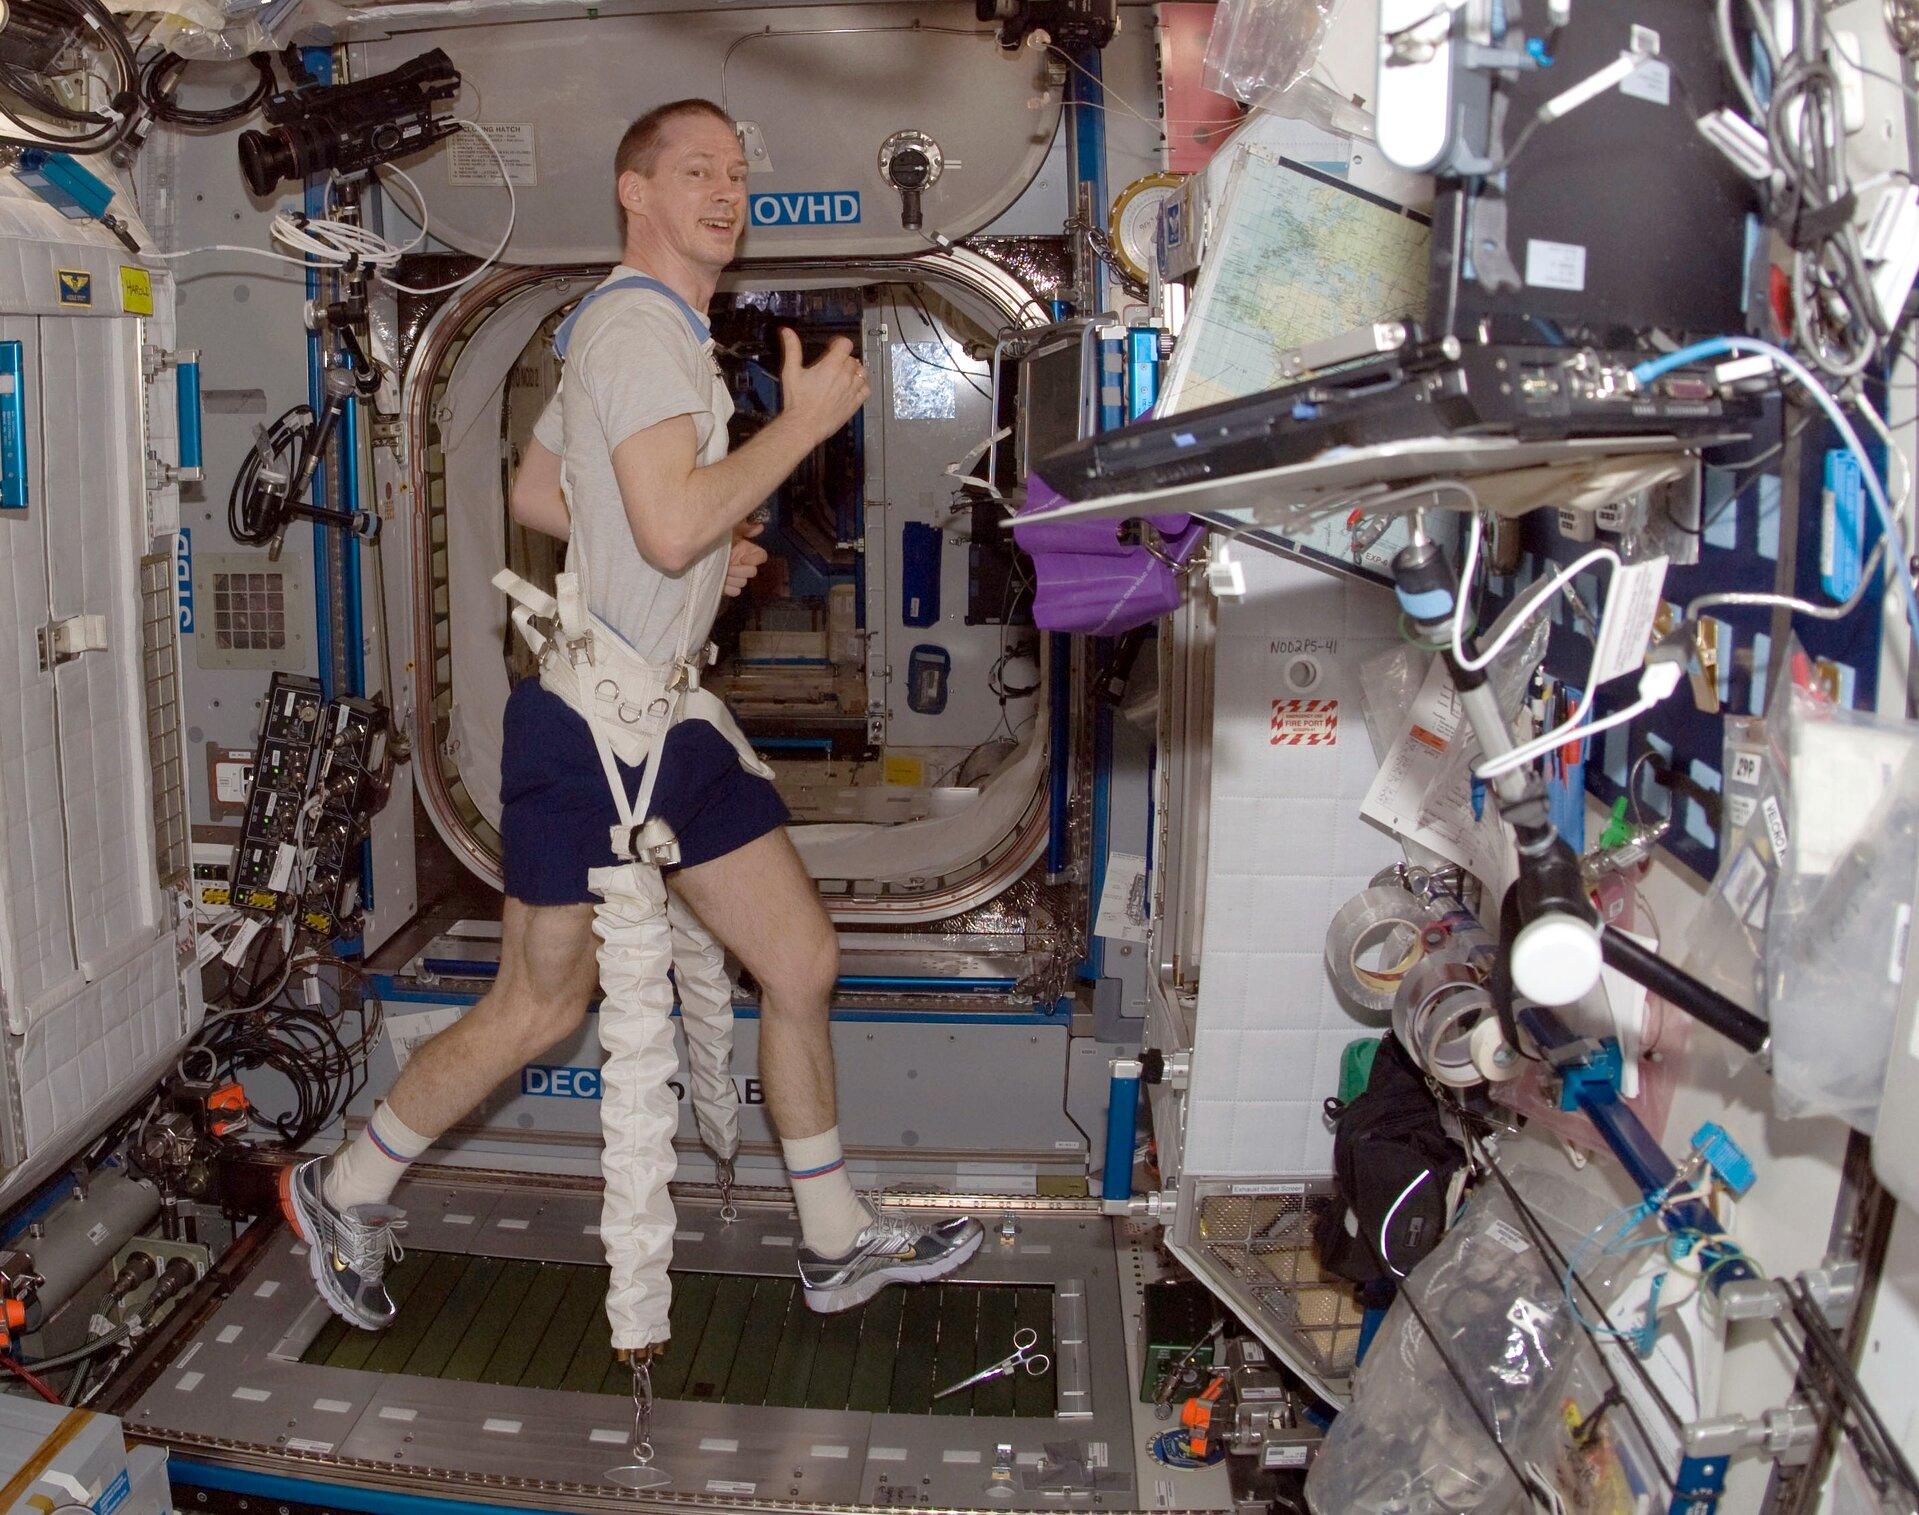 Zdjęcie przedstawia kosmonautę wykonującego ćwiczenia na bieżni magnetycznej wewnątrz stacji kosmicznej. Mężczyzna wwieku ok. 35 lat. Widoczny prawy bok ciała. Szatyn, włosy krótko przystrzyżone. Ubrany wszarą koszulkę zkrótkim rękawem typu T-shirt oraz granatowe spodenki. Na nogach obuwie sportowe typu adidas ibiałe skarpetki. Mężczyzna uśmiecha się. Mężczyzna na biodrach ma szeroki biały pas, do którego przypięto uprząż mocującą go nad bieżnią.